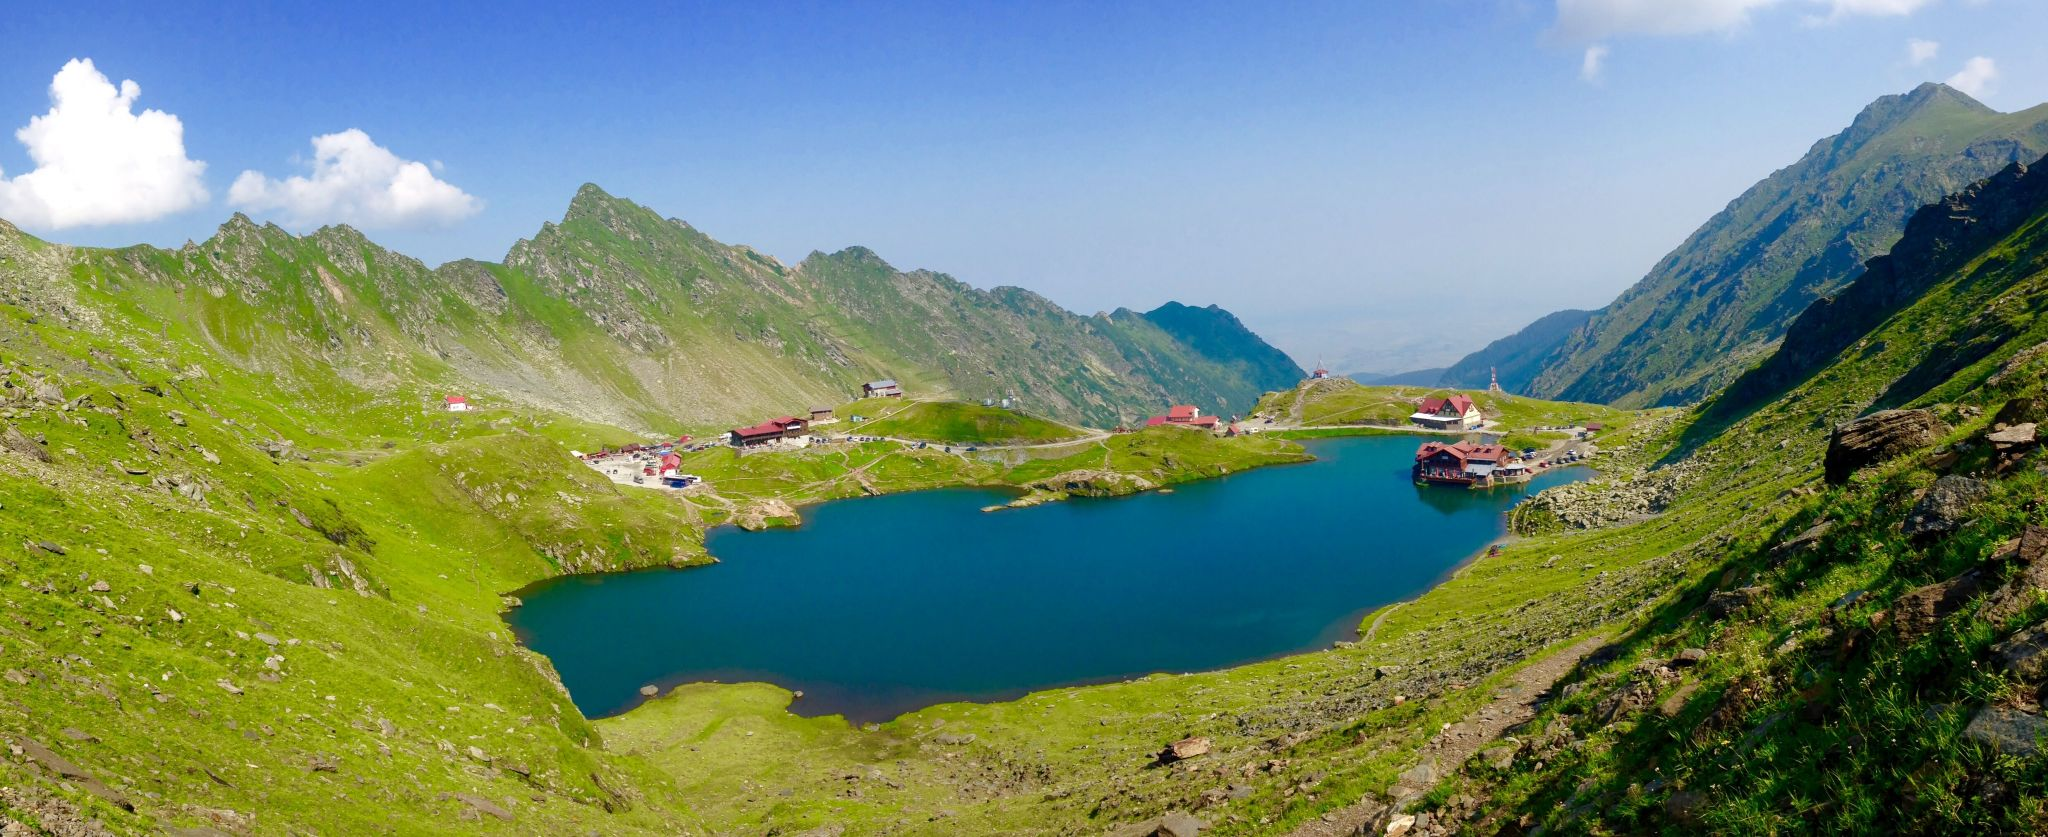 Bâlea Lac, Romania